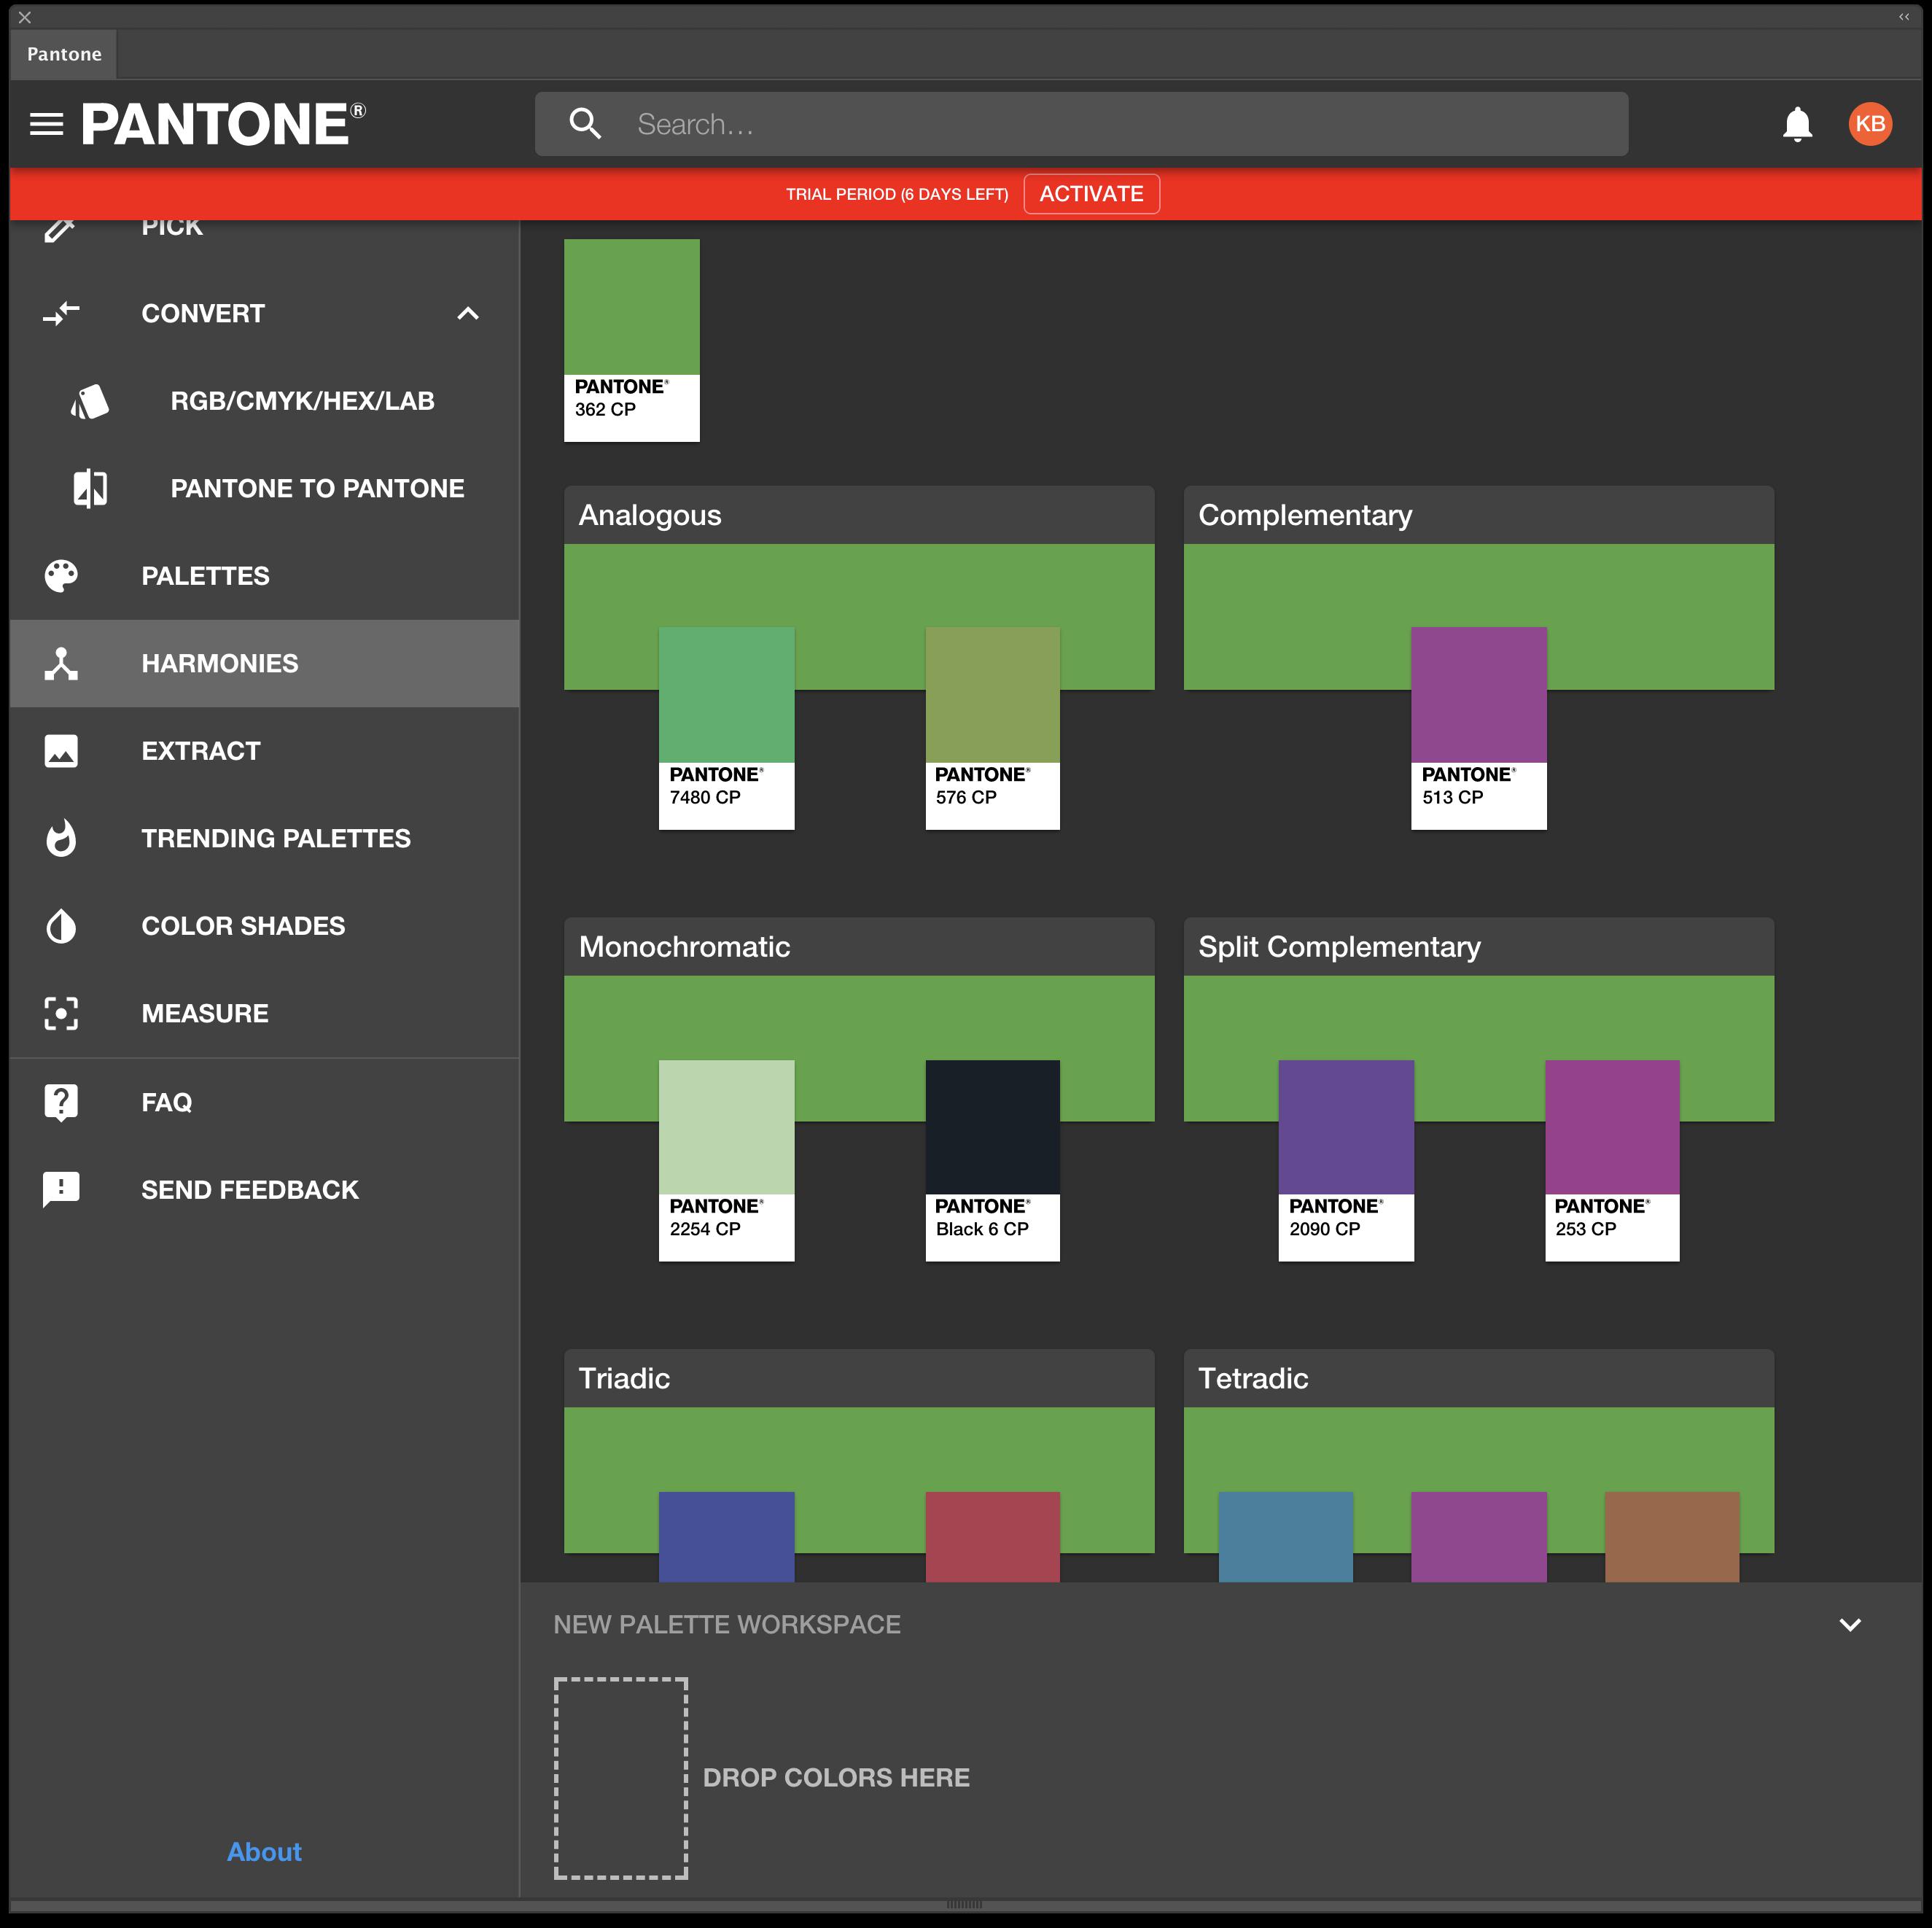 Pantone Connect Harmonies